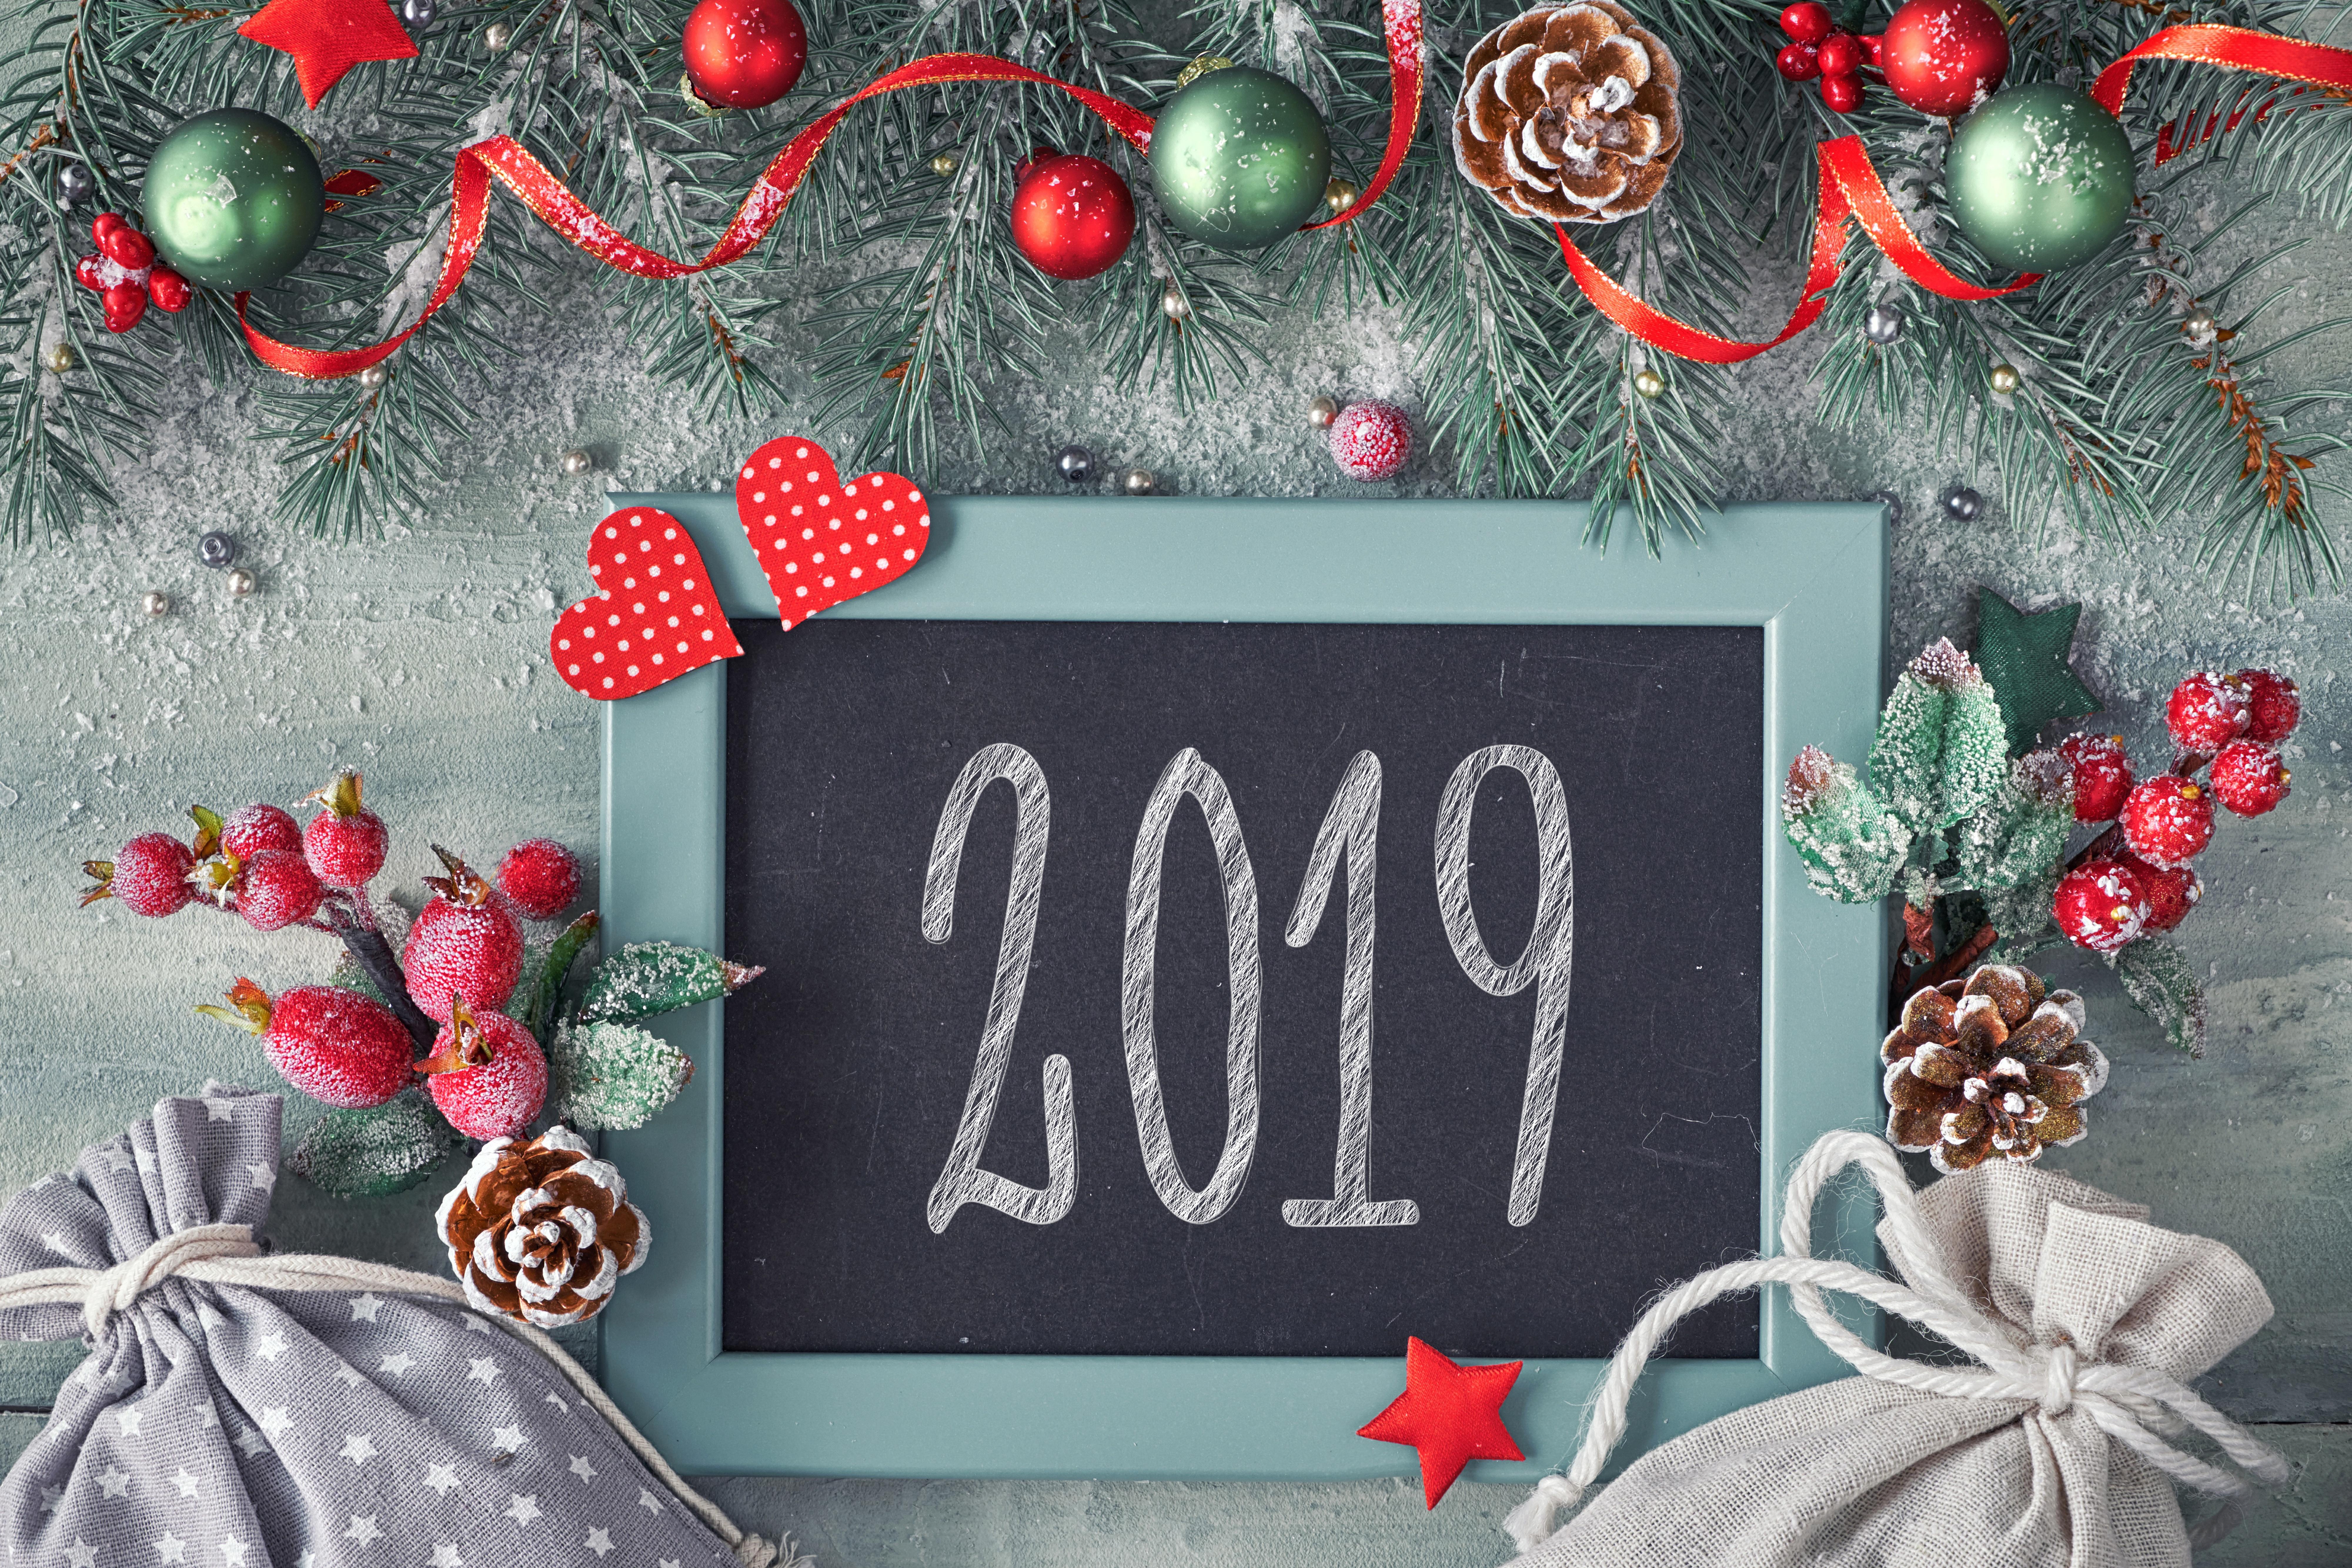 обои на новый год надпись сухов все